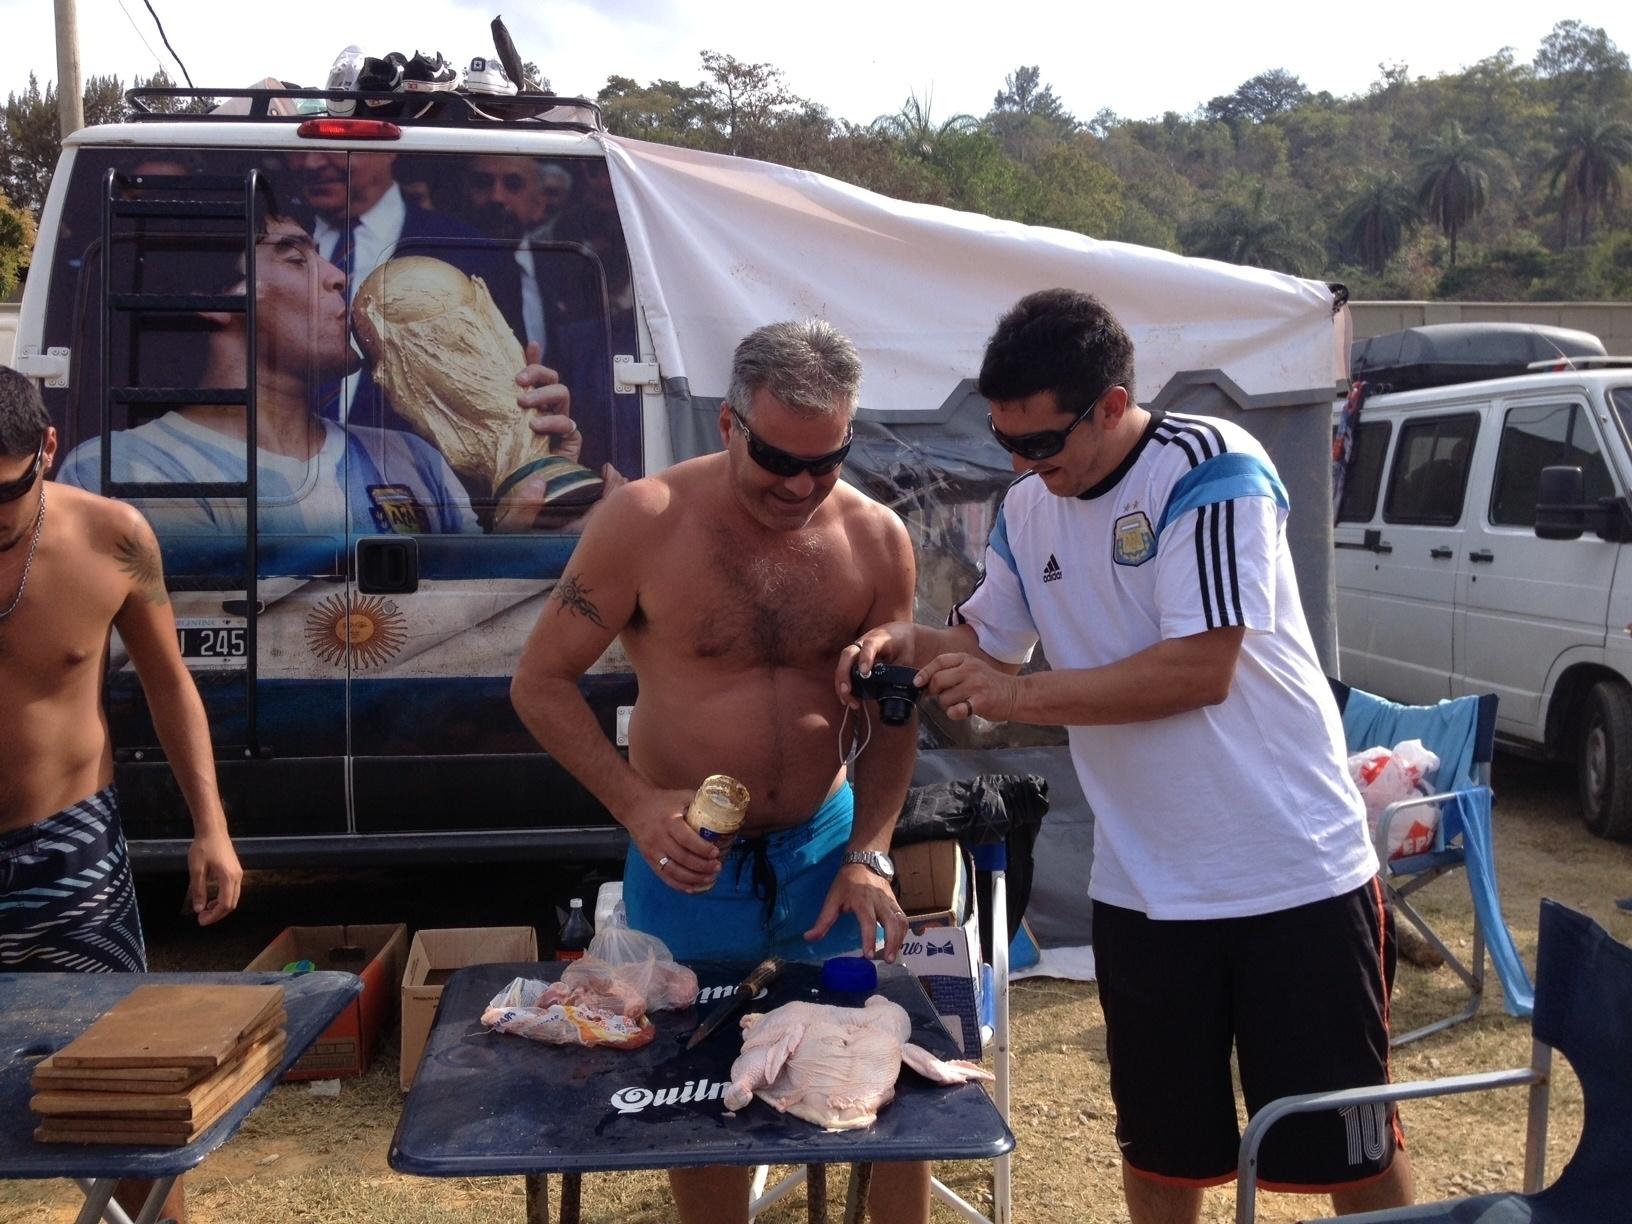 20.jun.2014 - Os argentinos fazem até churrasco no terreno em que estão acampando em Vespasiano